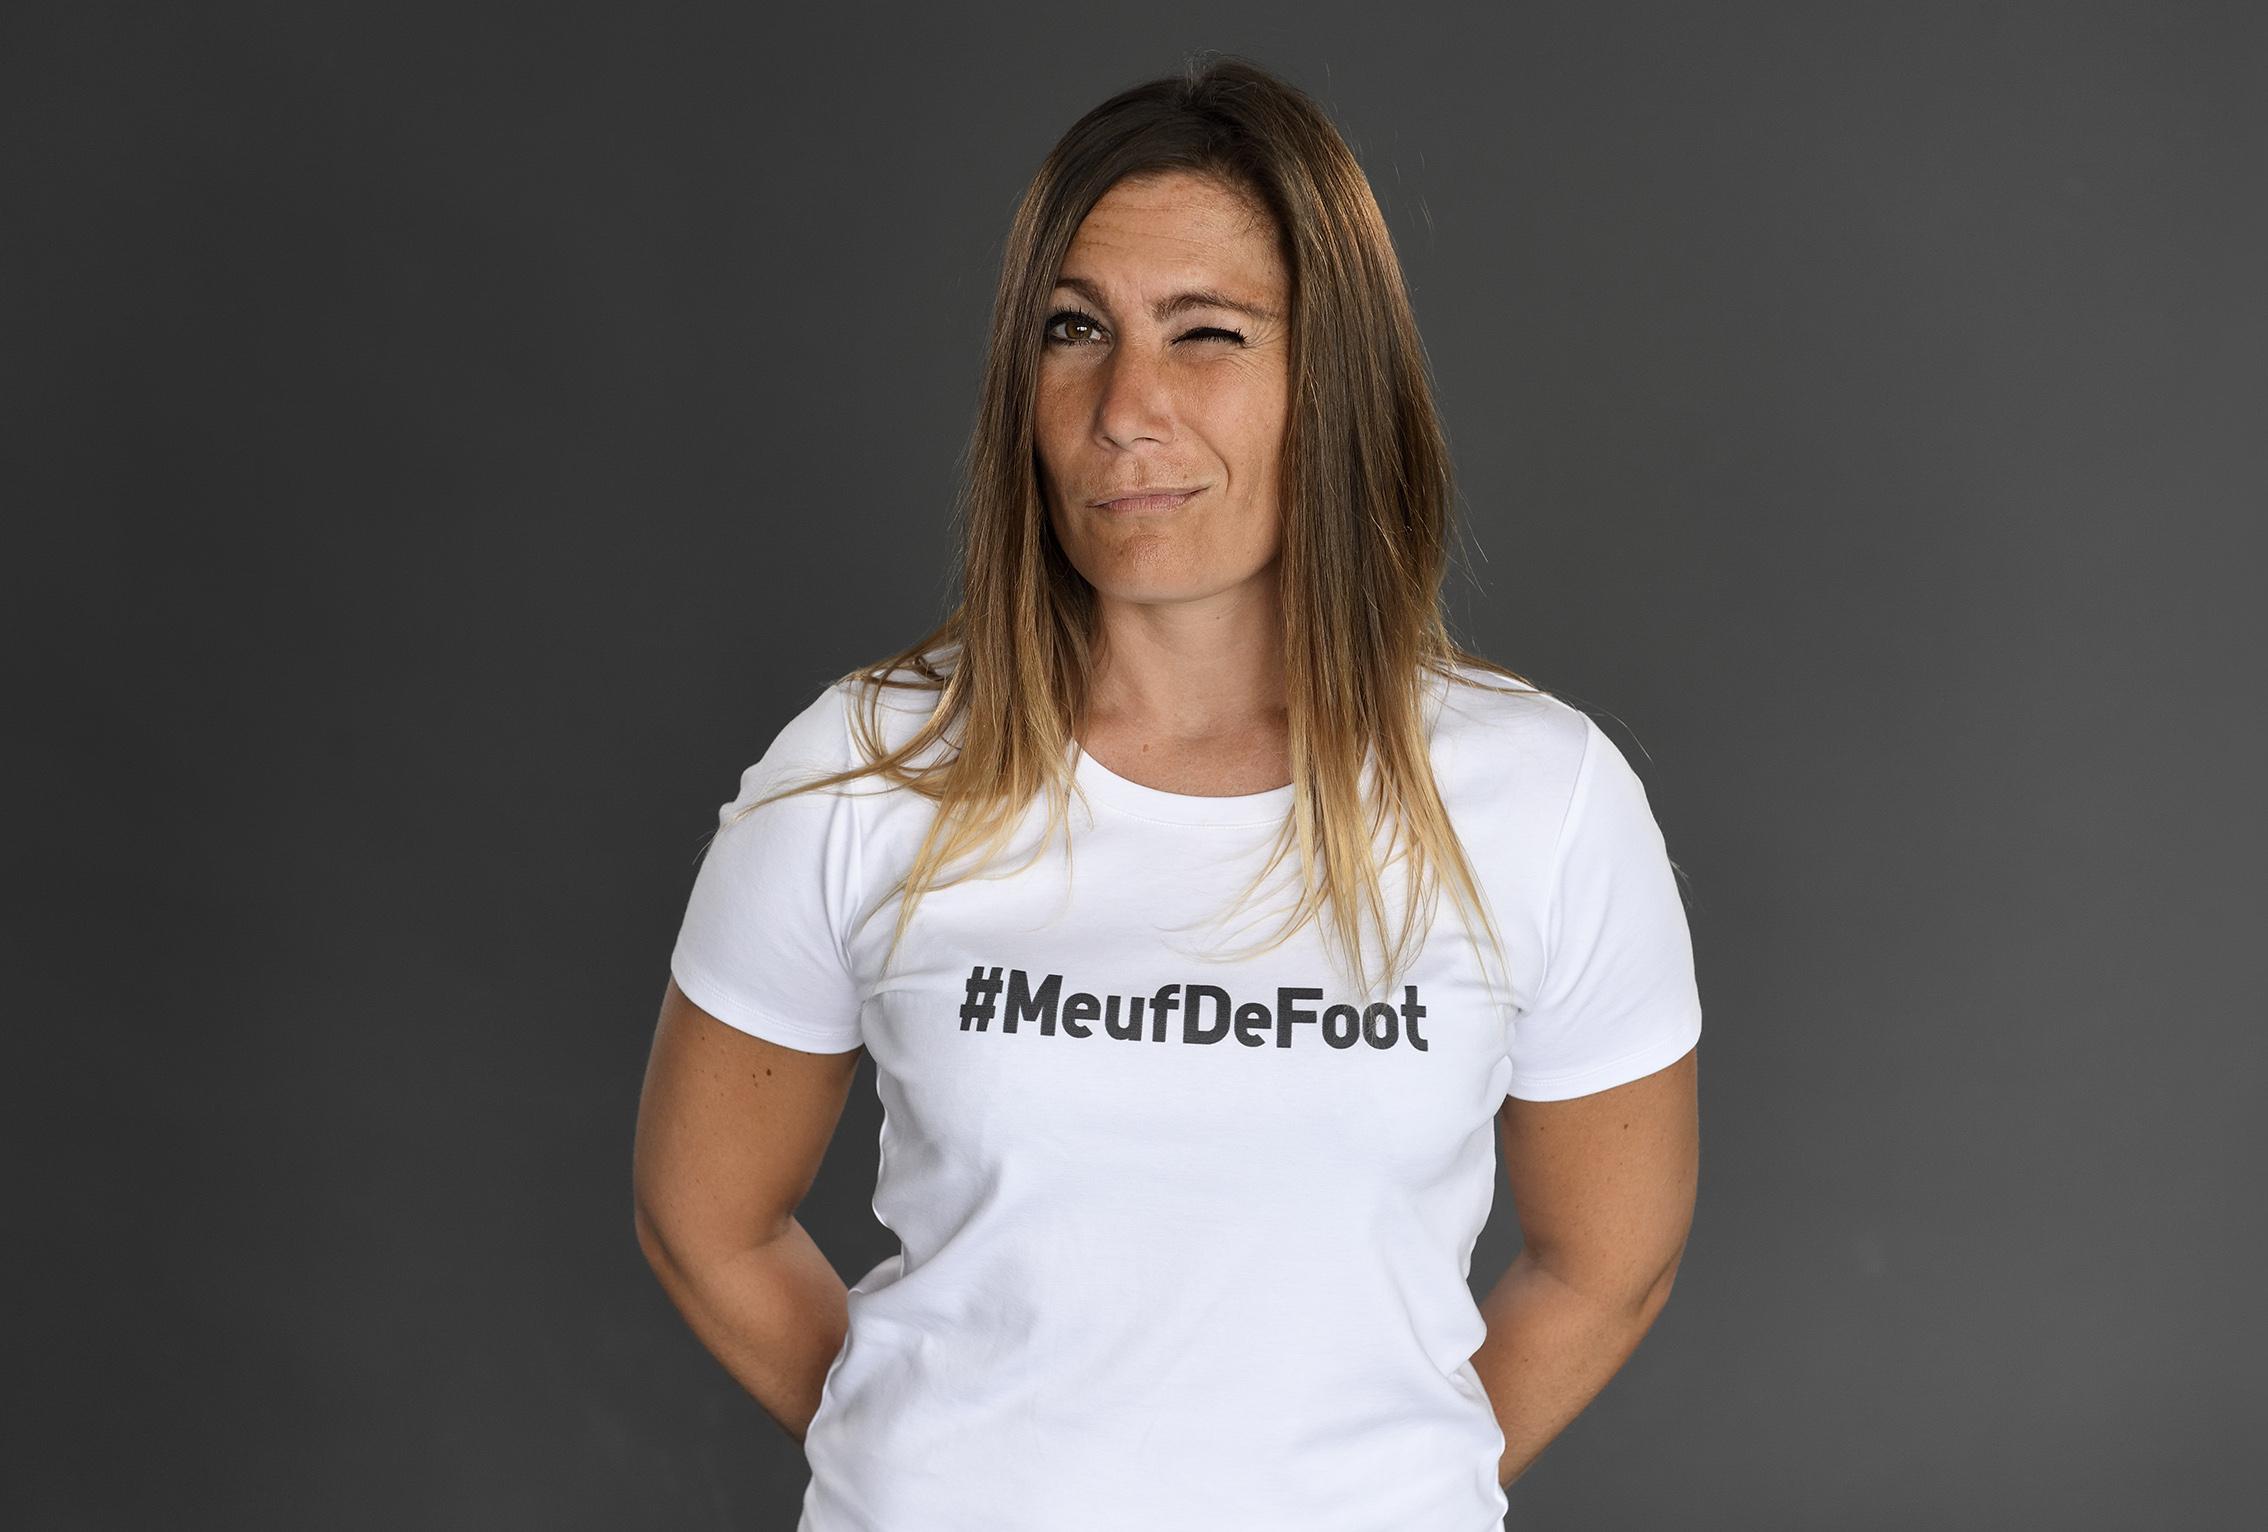 La #meufdefoot, c'est elle